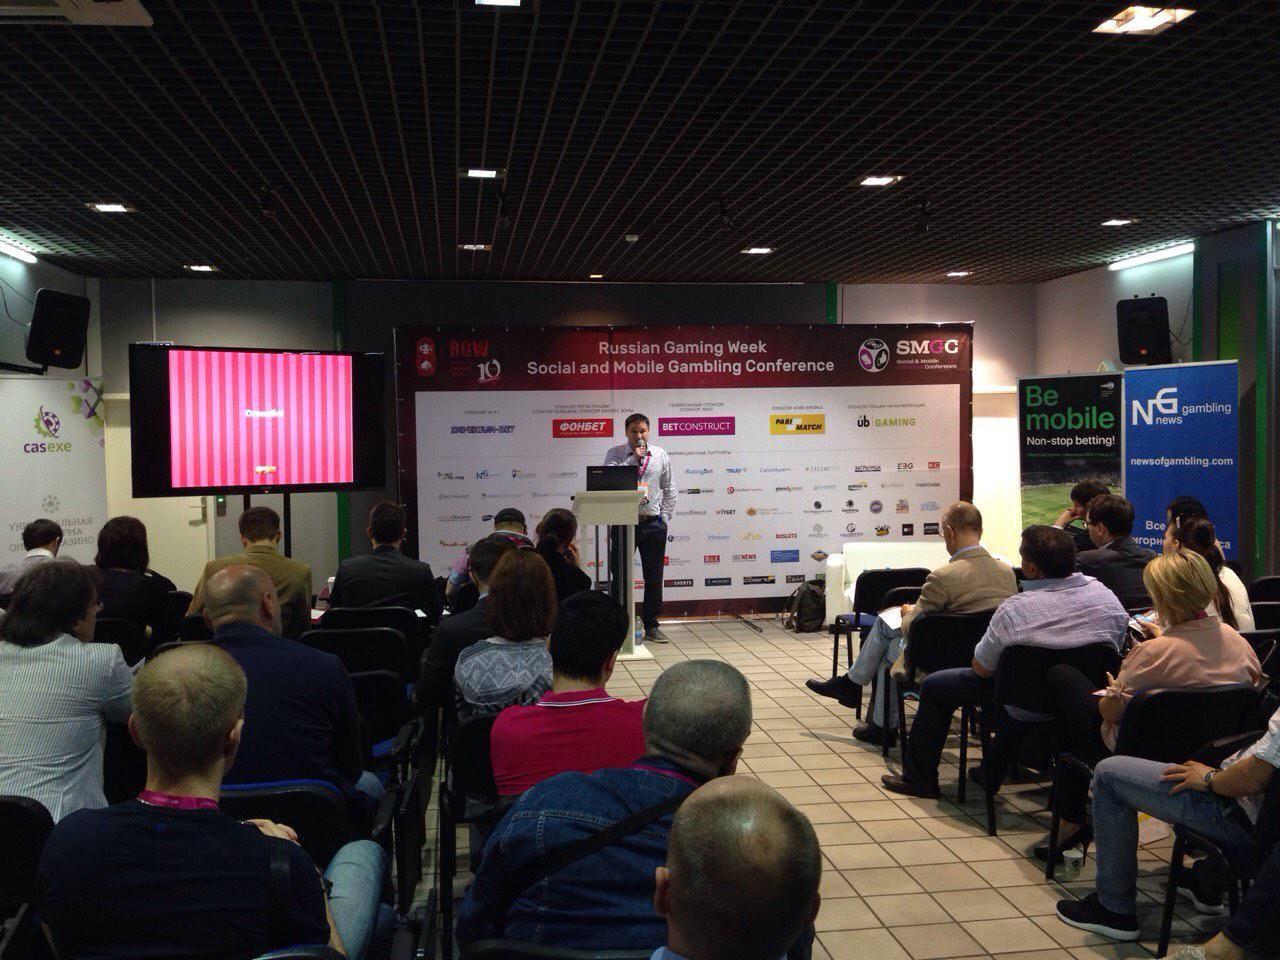 В Москве начала работу юбилейная выставка-форум Russian Gaming Week 2016